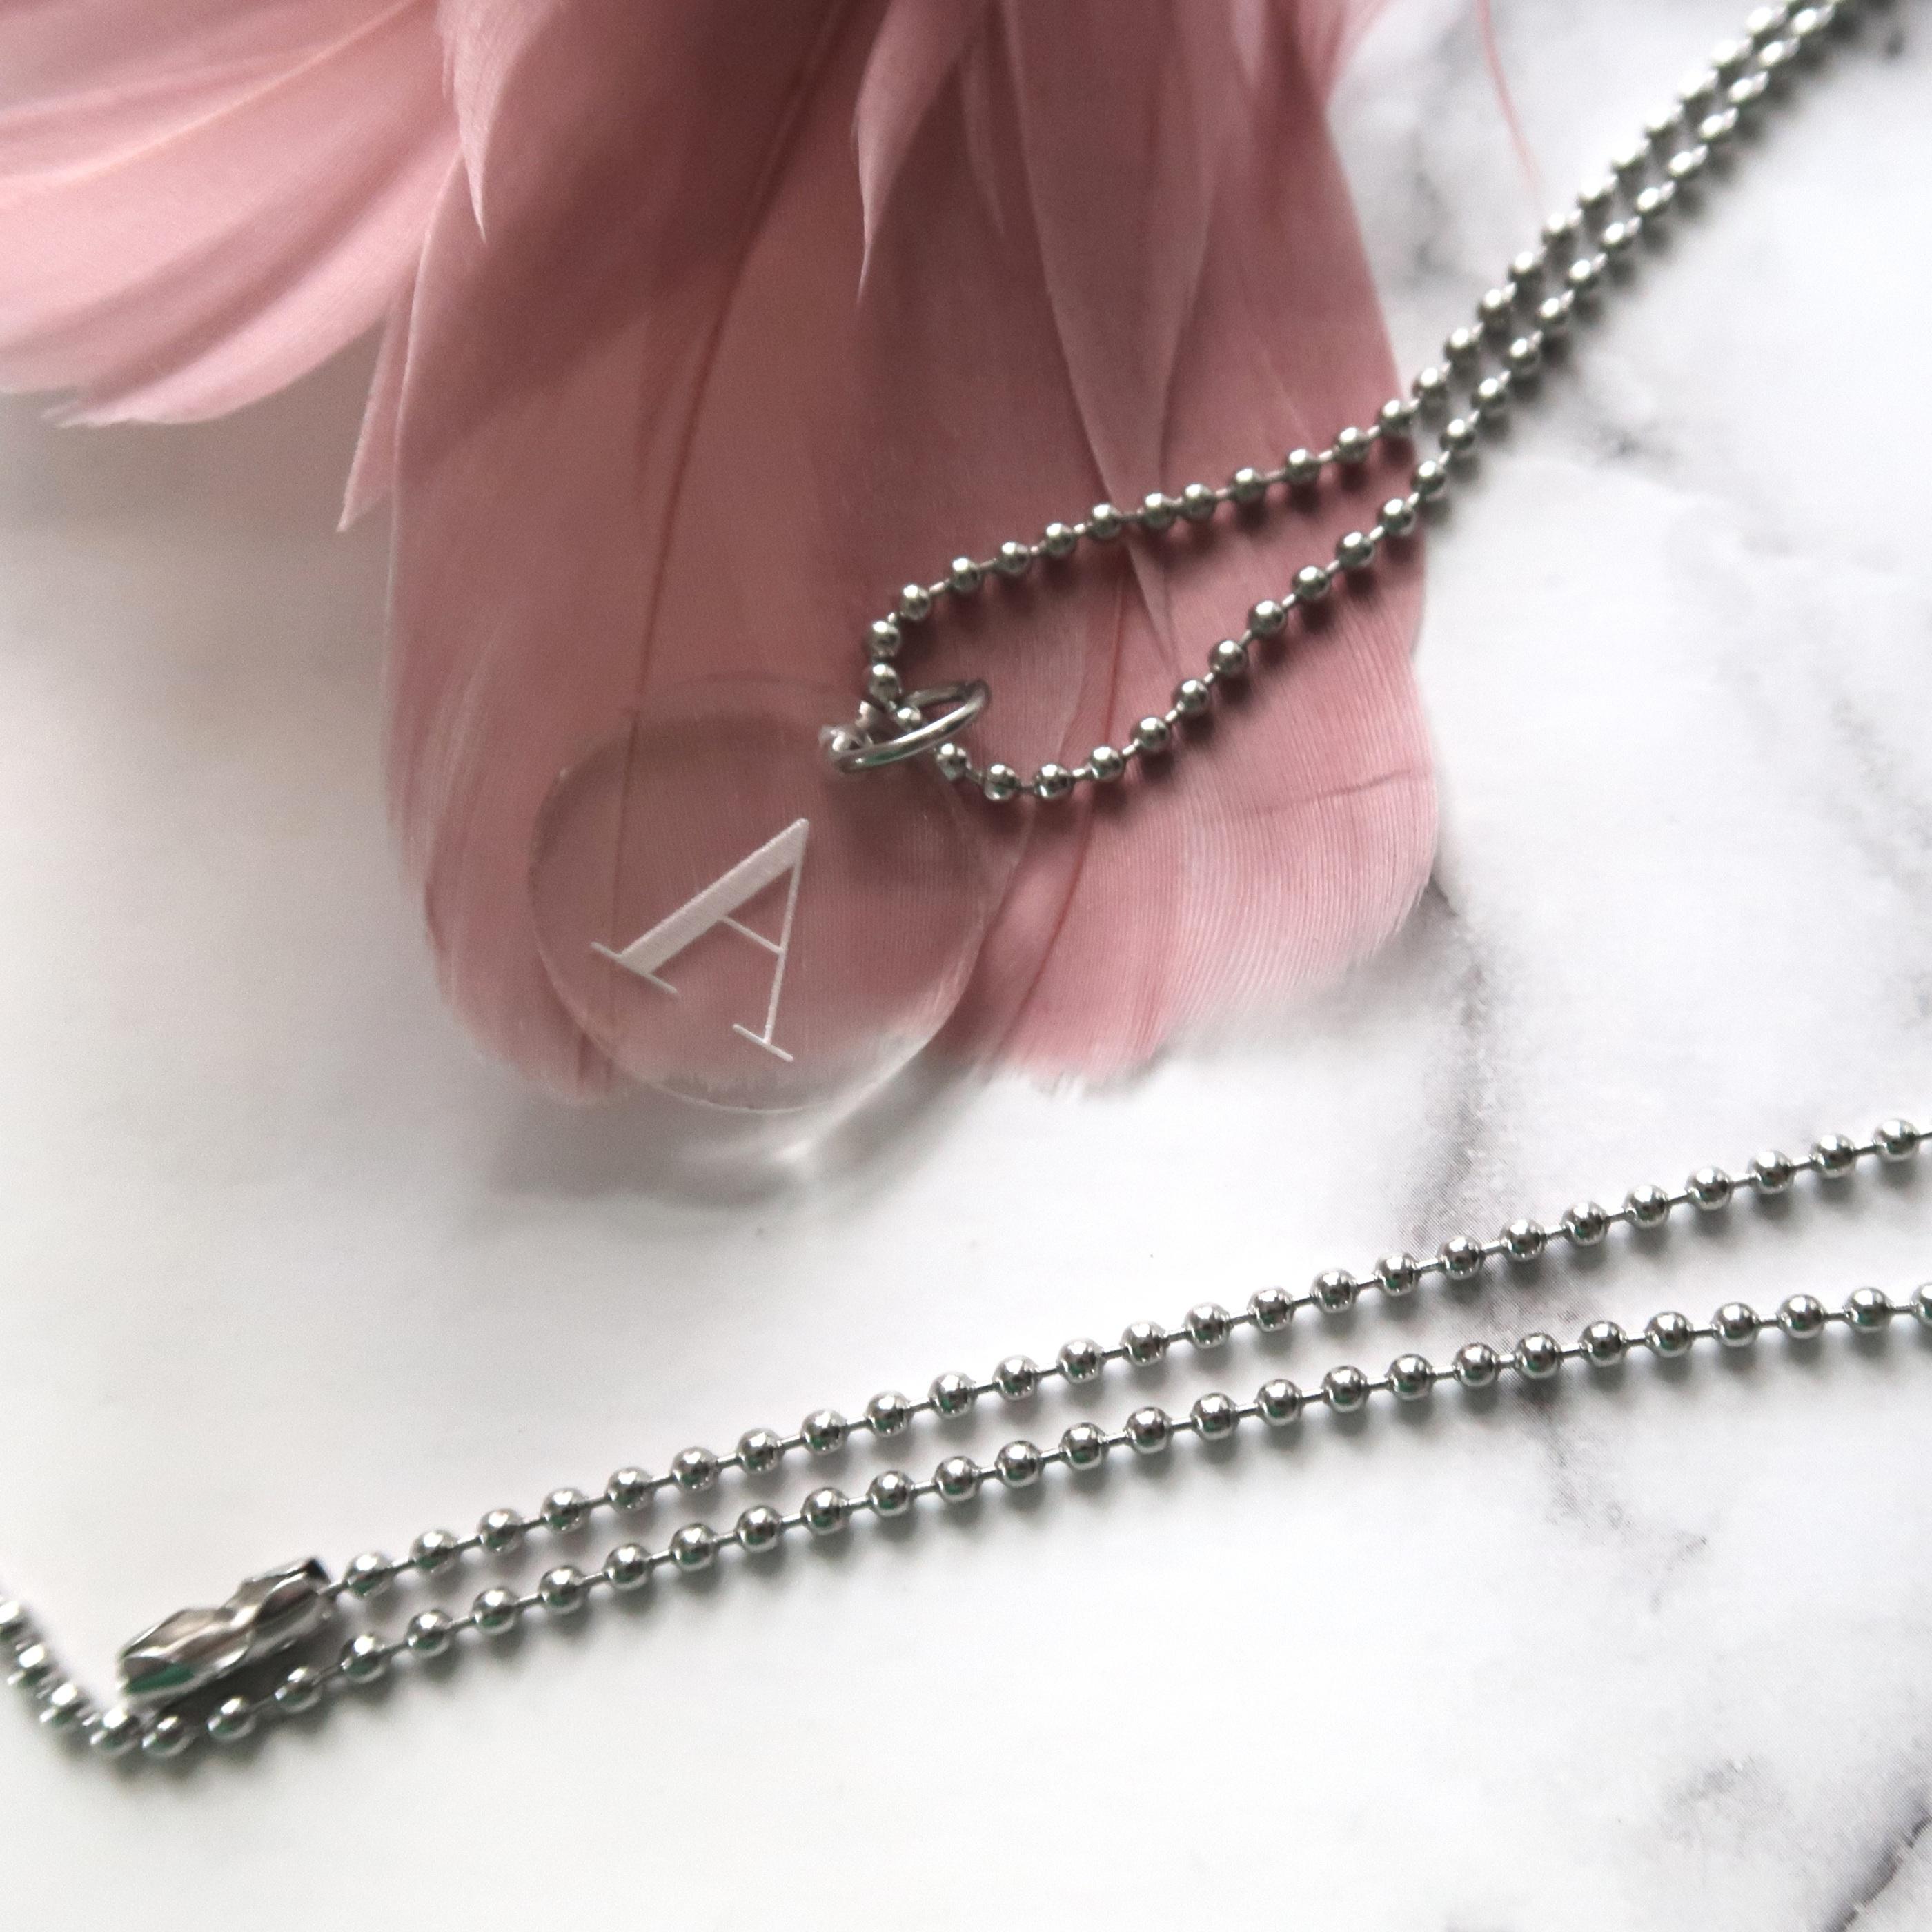 Halsband - Välj egen bokstav 1-3 brickor - 1 bricka + kedja 06829c0e31d5f